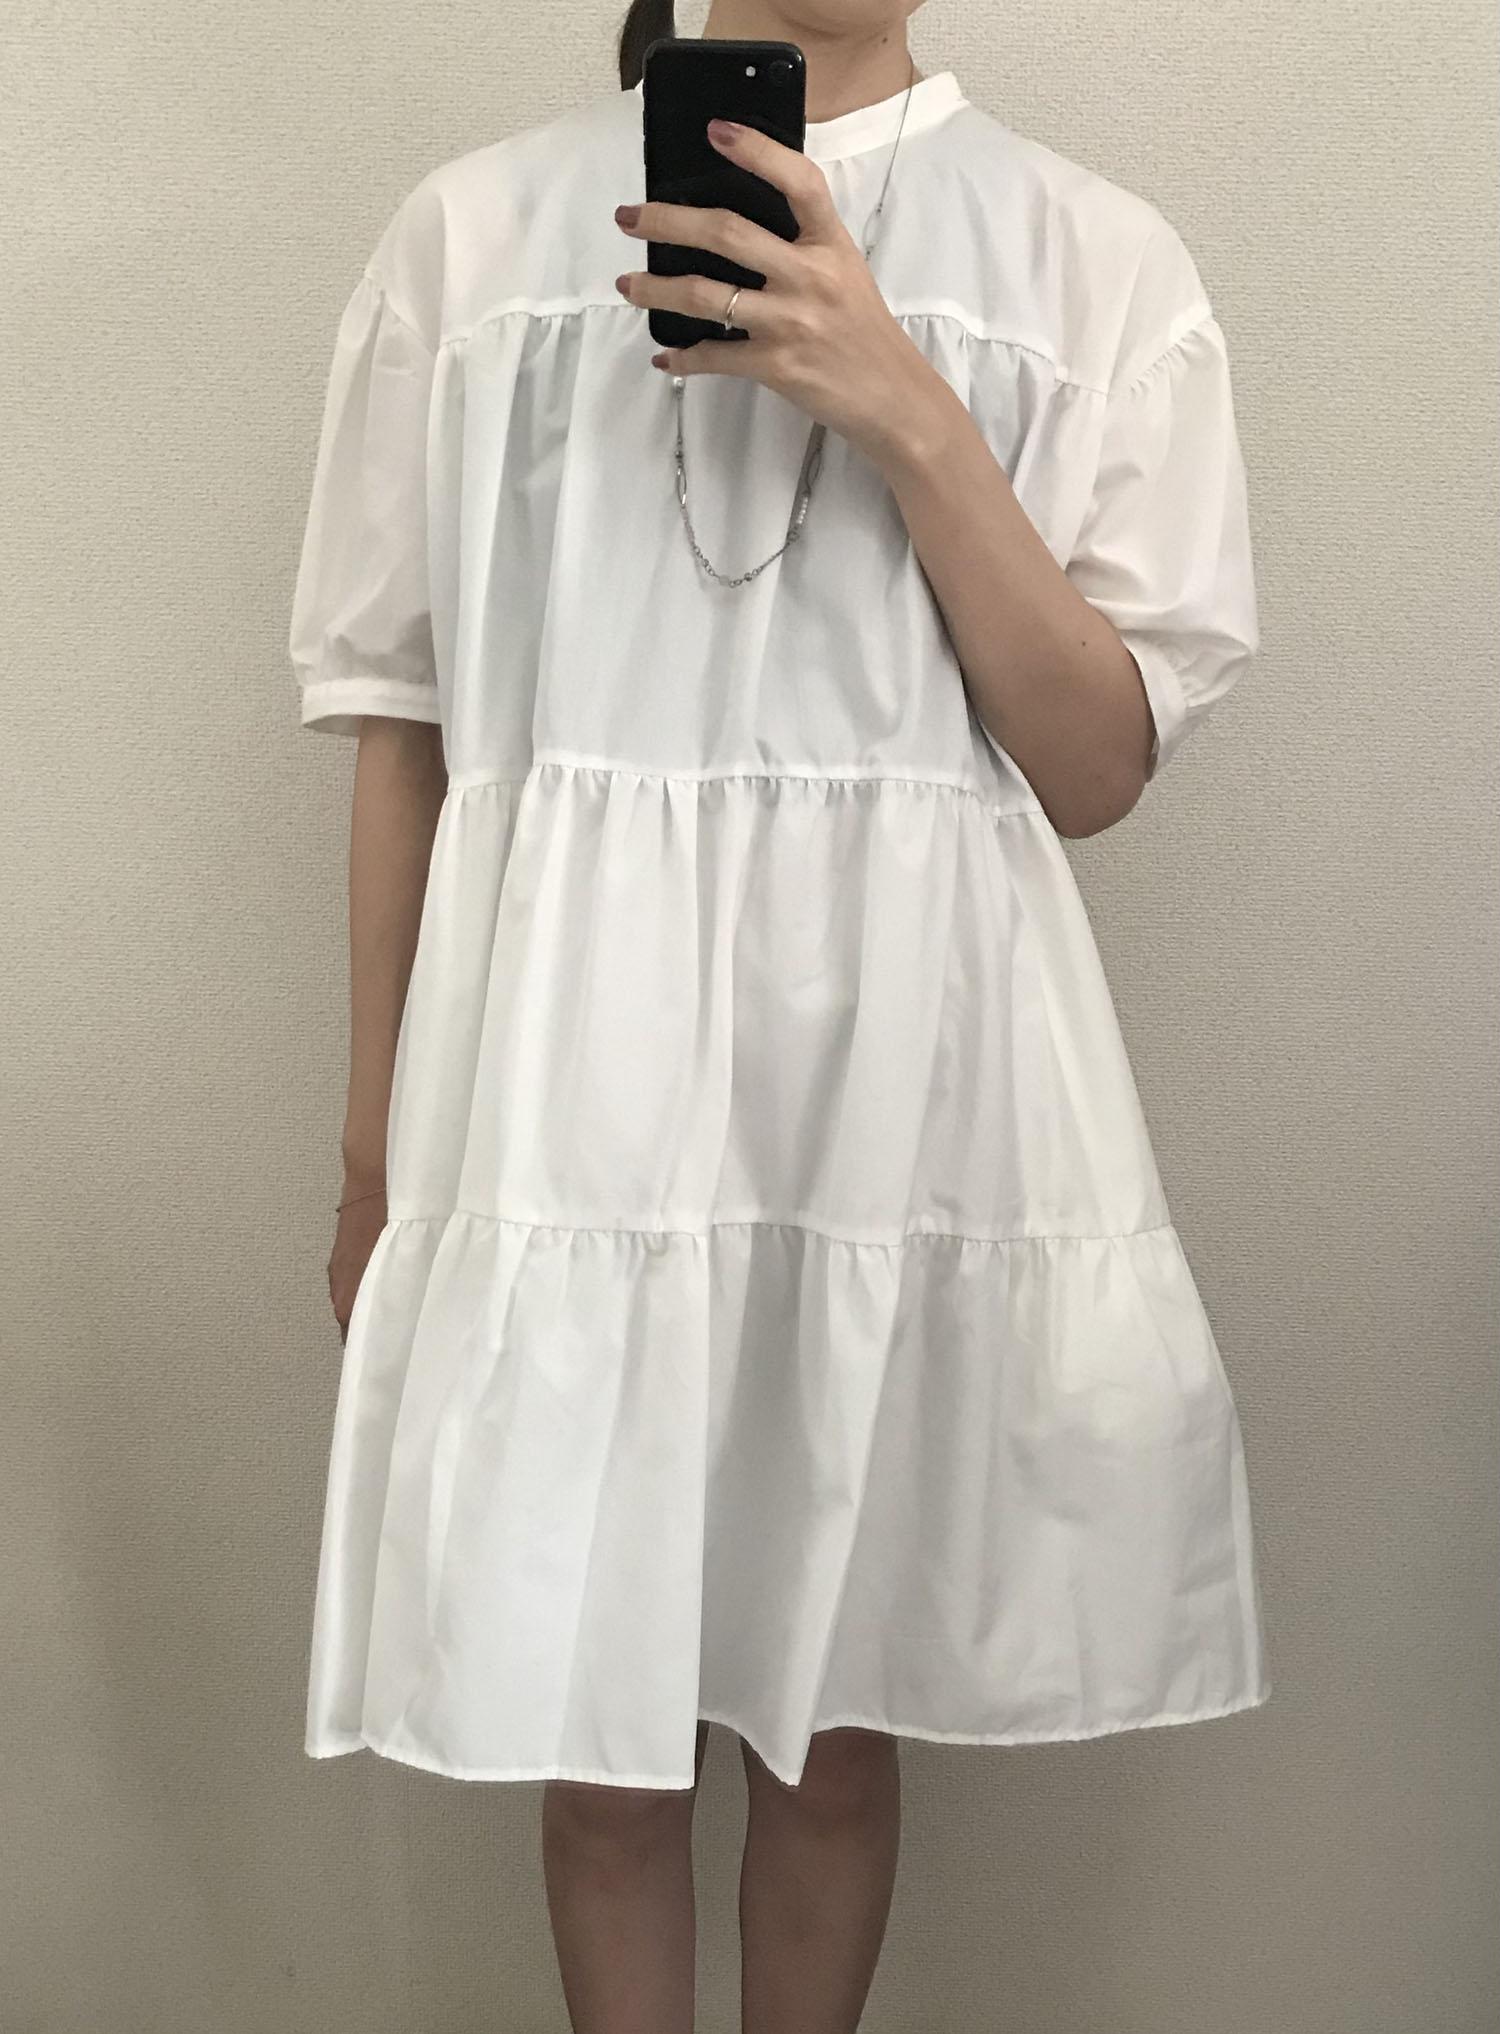 乾ひかり(「流浪の月」をイメージした服を着用)